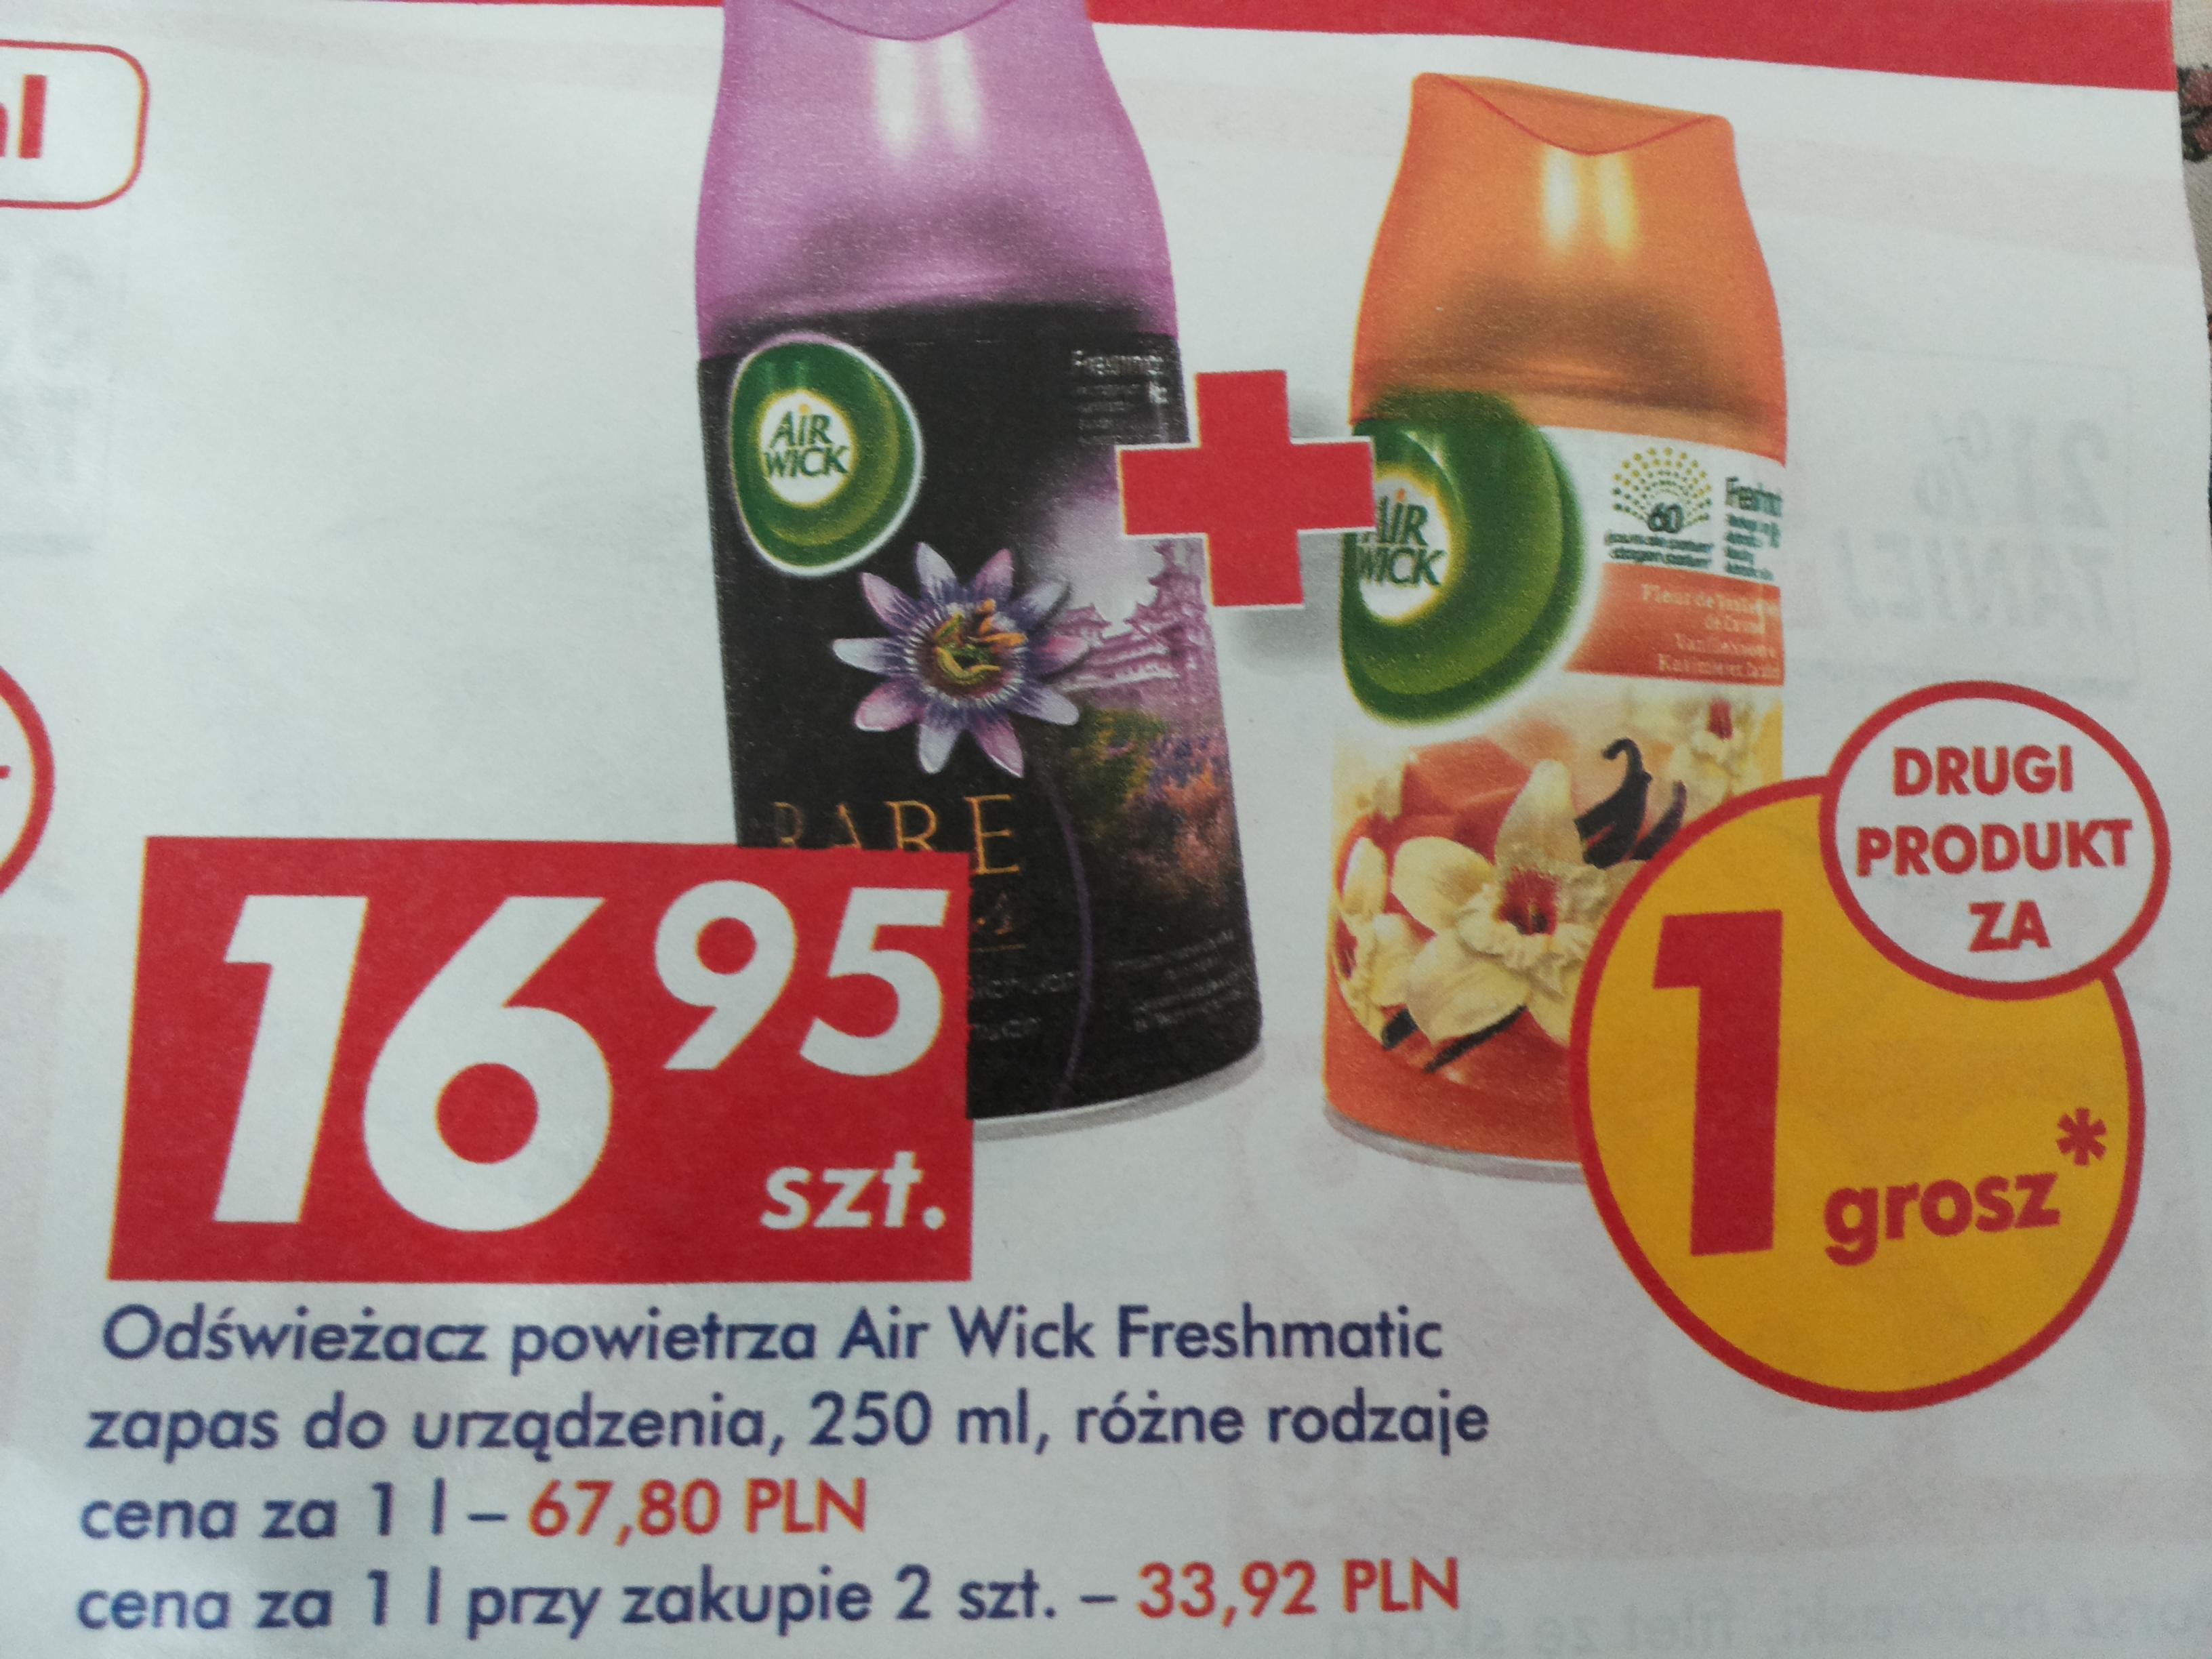 Odświeżacz powietrza Air Wick Freshmatic za 16,95zł + drugi za GROSZ @ Auchan